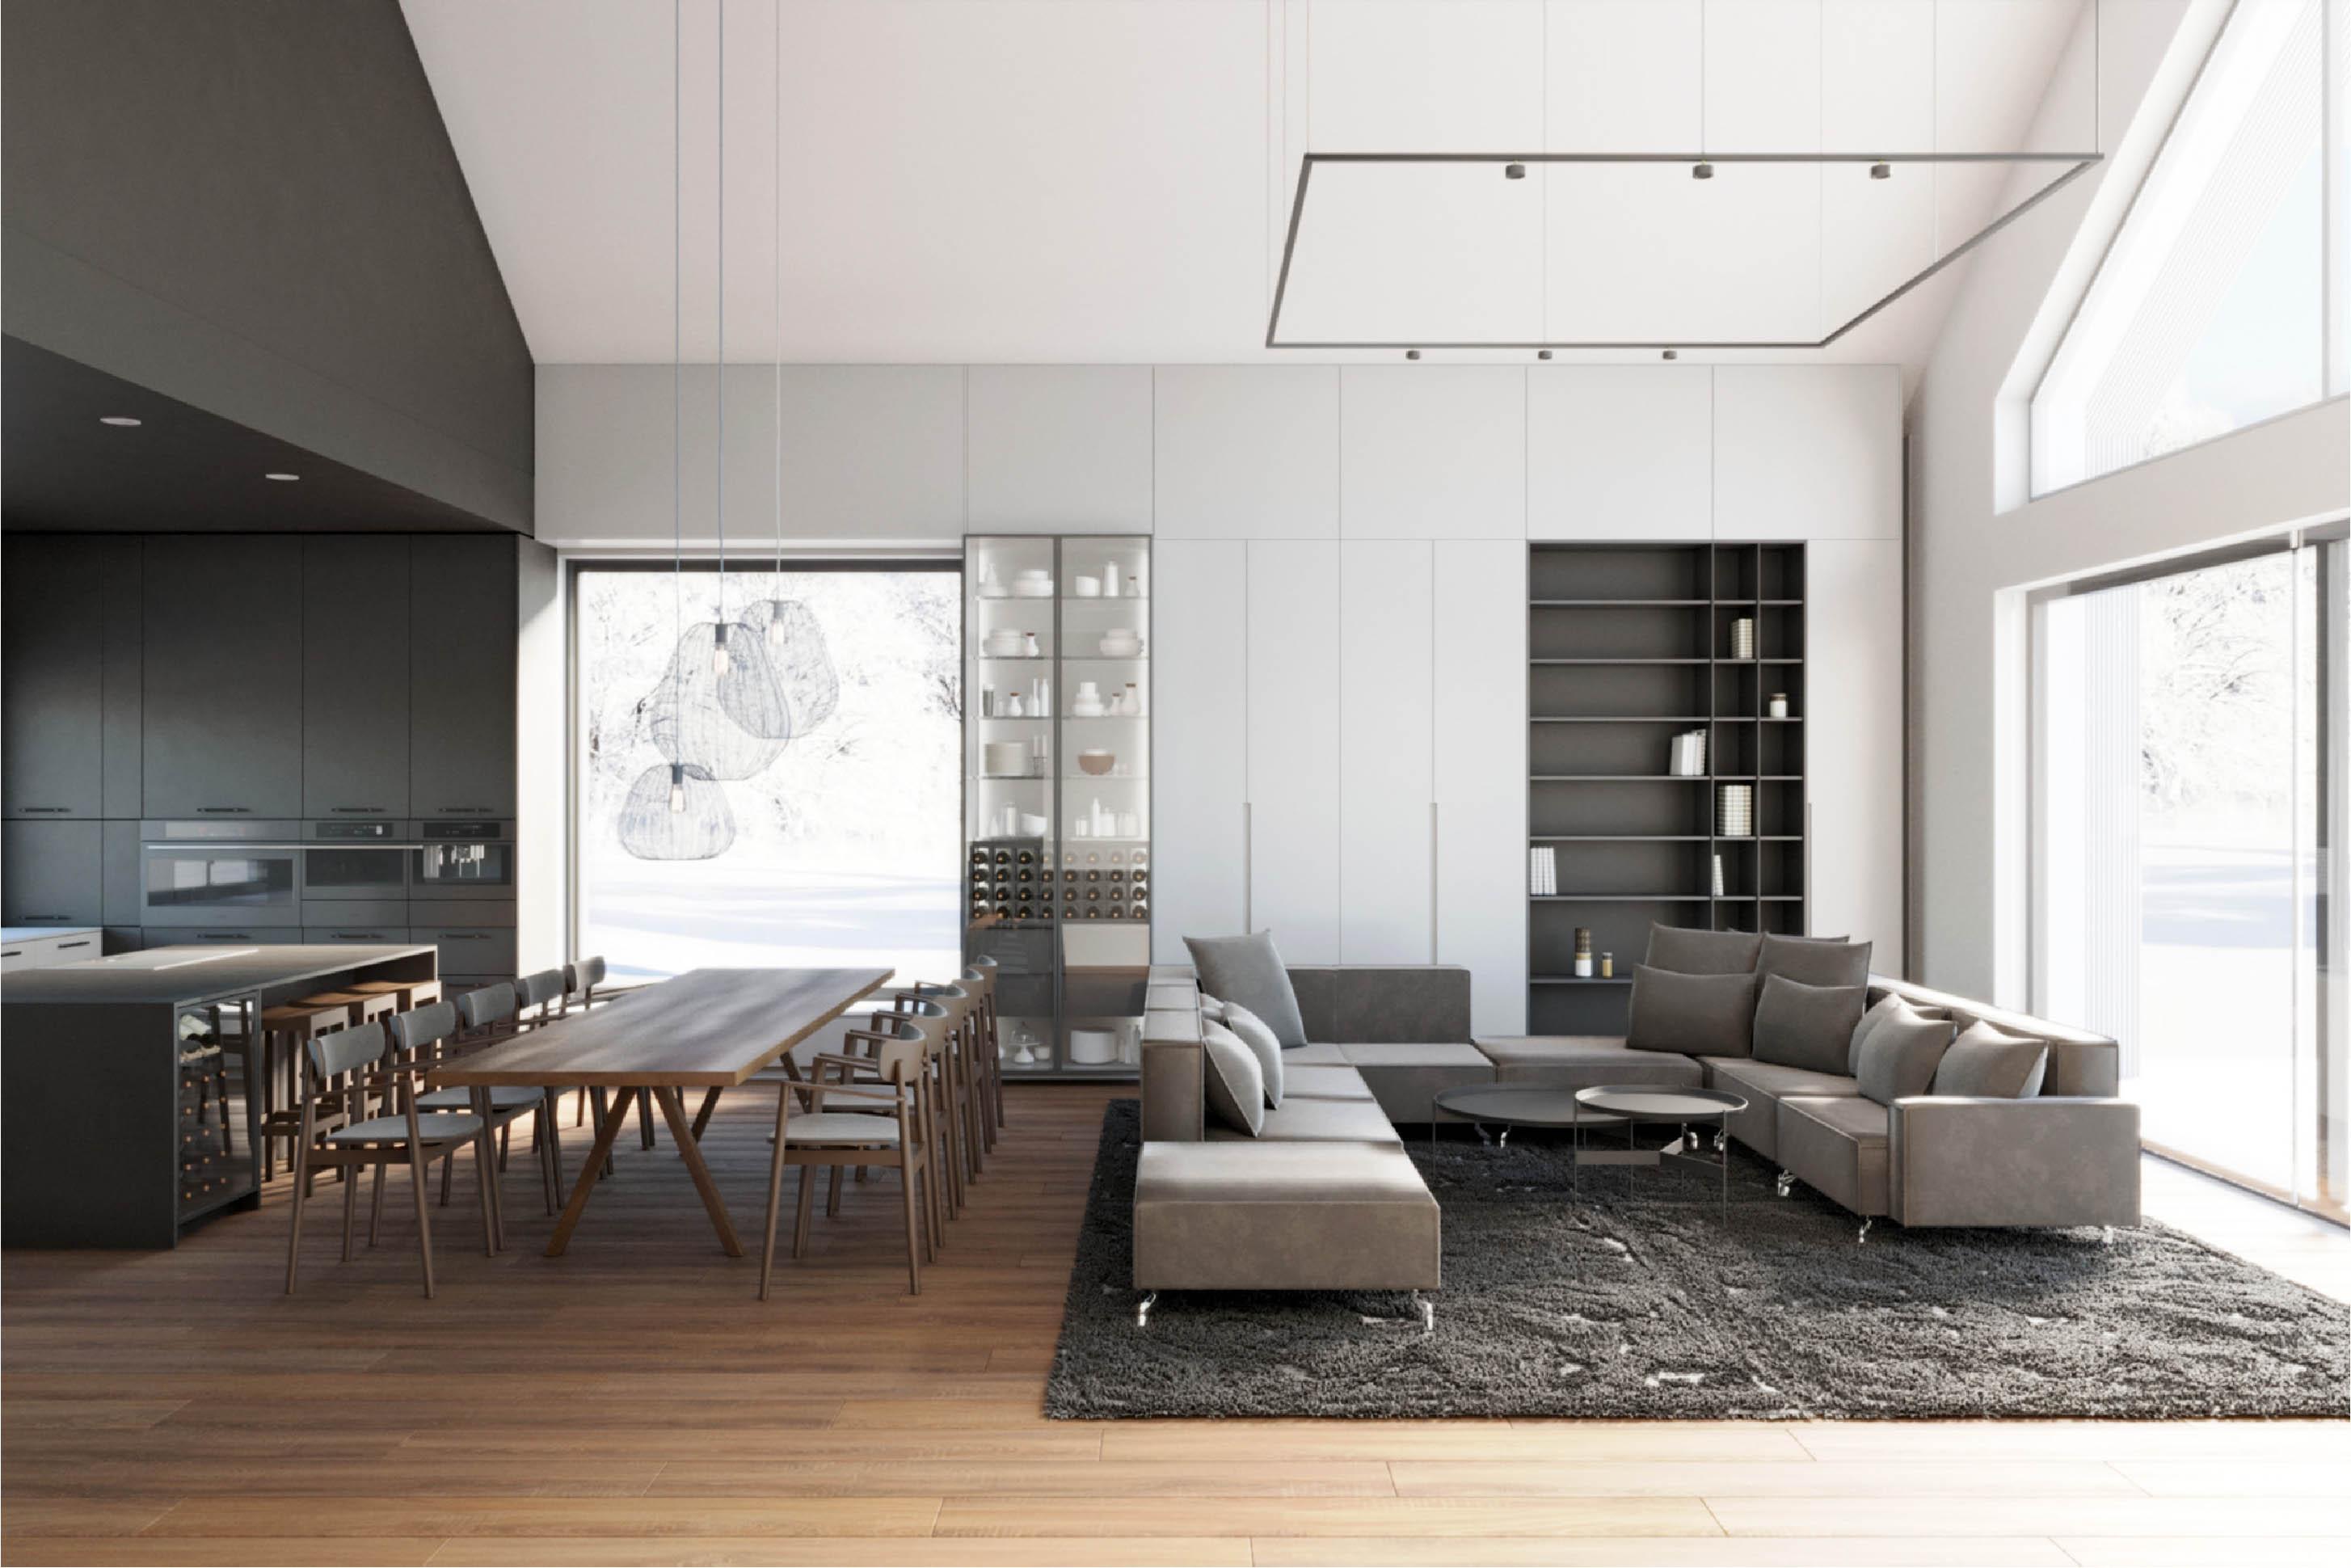 projekt wnętrza salonu z antresolą